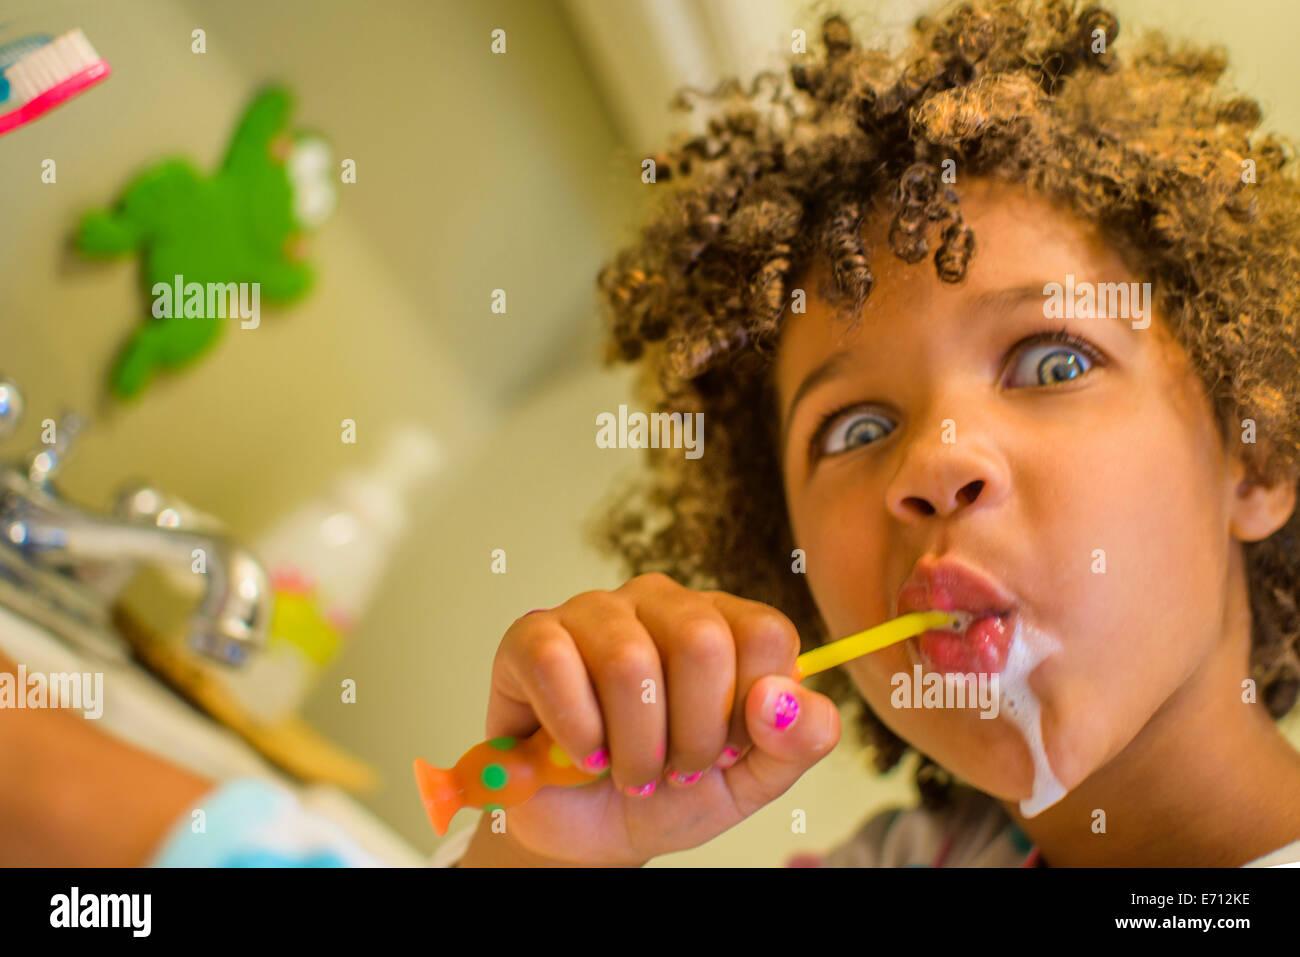 Retrato de niña tirando de cara mientras que el cepillado de los dientes Imagen De Stock